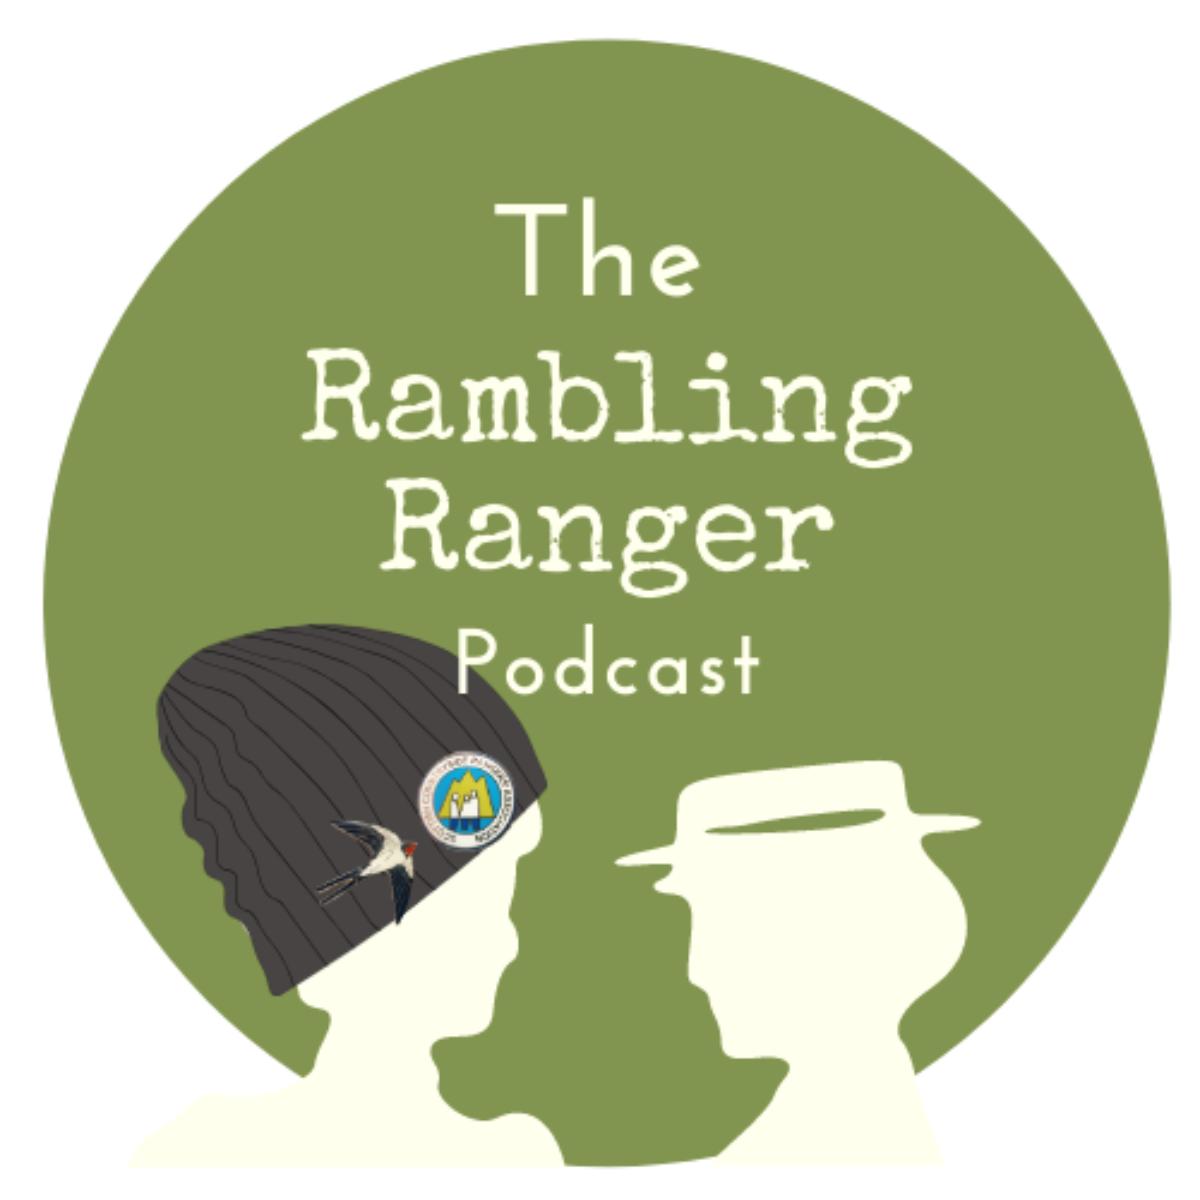 The Rambling Ranger Podcast